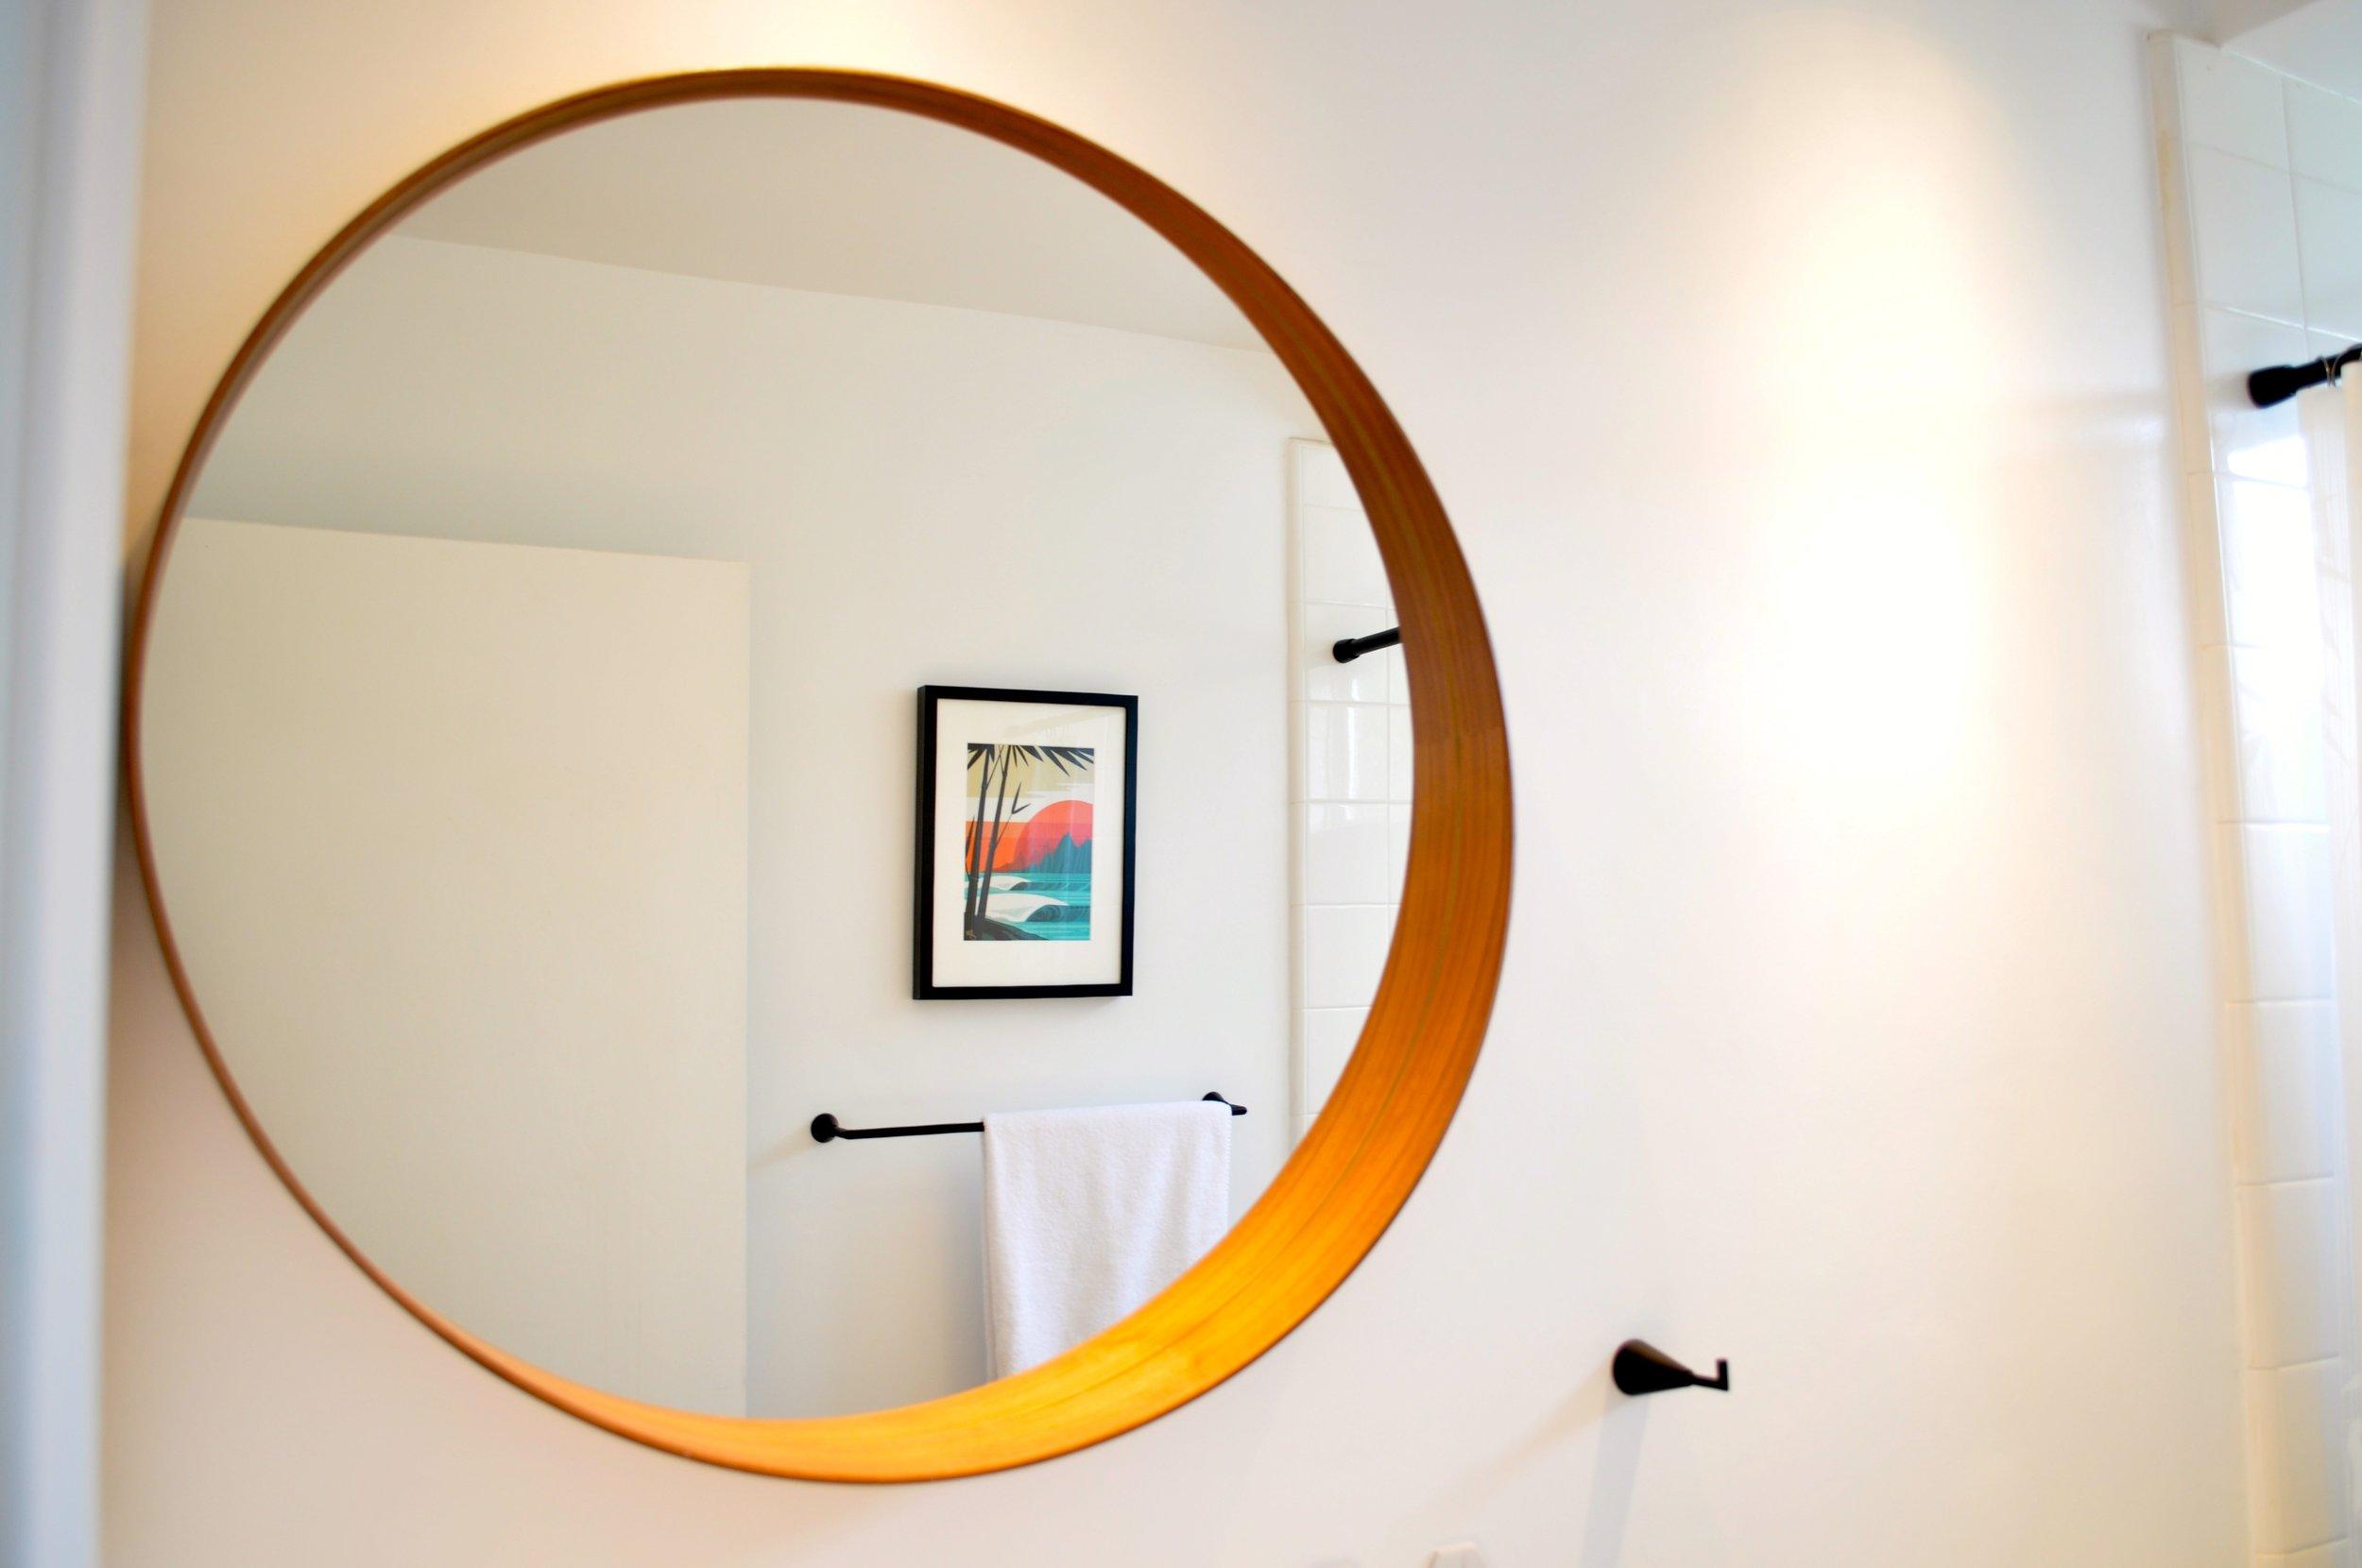 Ikea mirror!